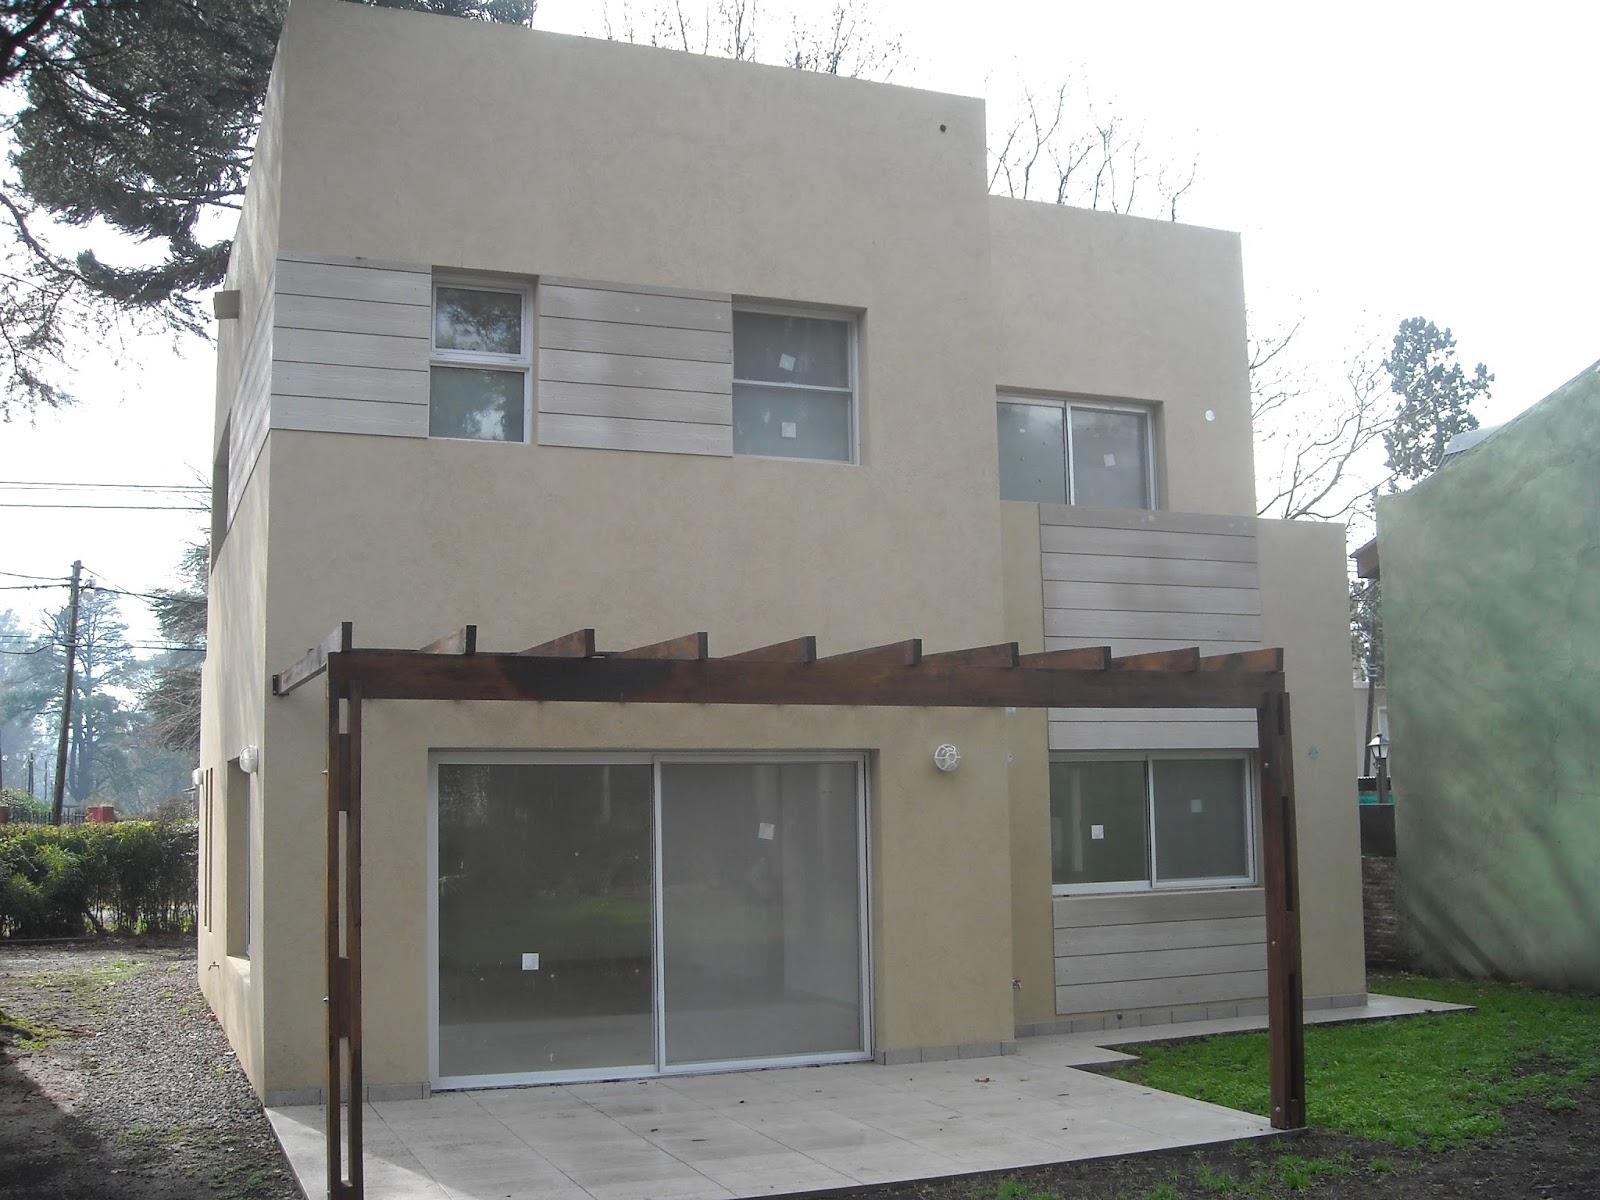 R tavella inmuebles fm2288 5 casa minimalista en venta 5 for Casa minimalista grande